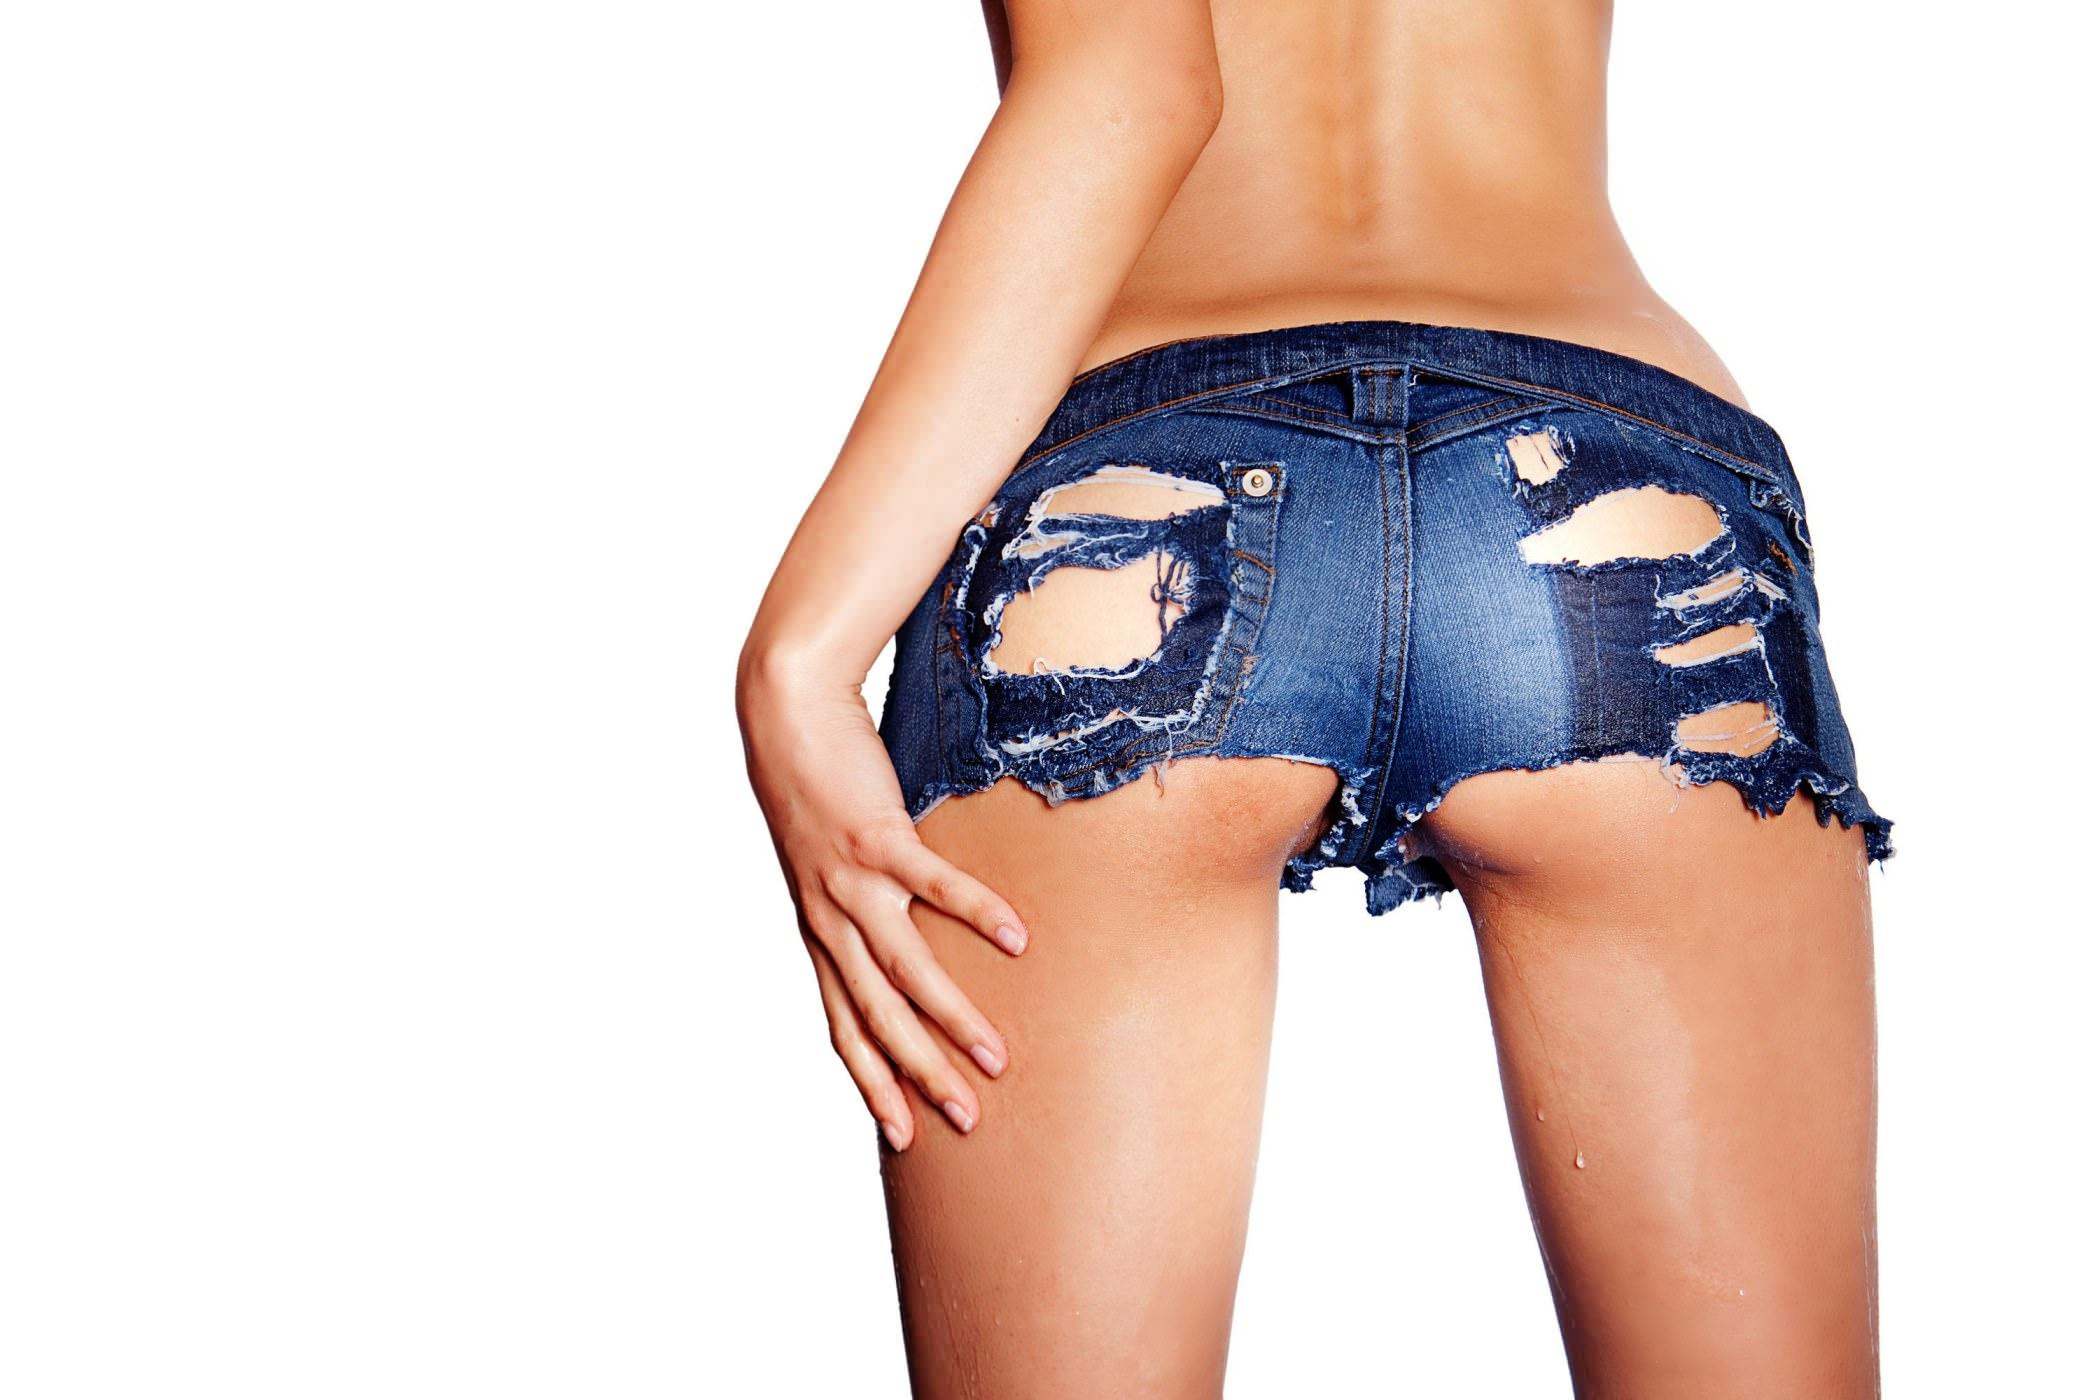 Фото попки в джинсовых шортиках 30 фотография